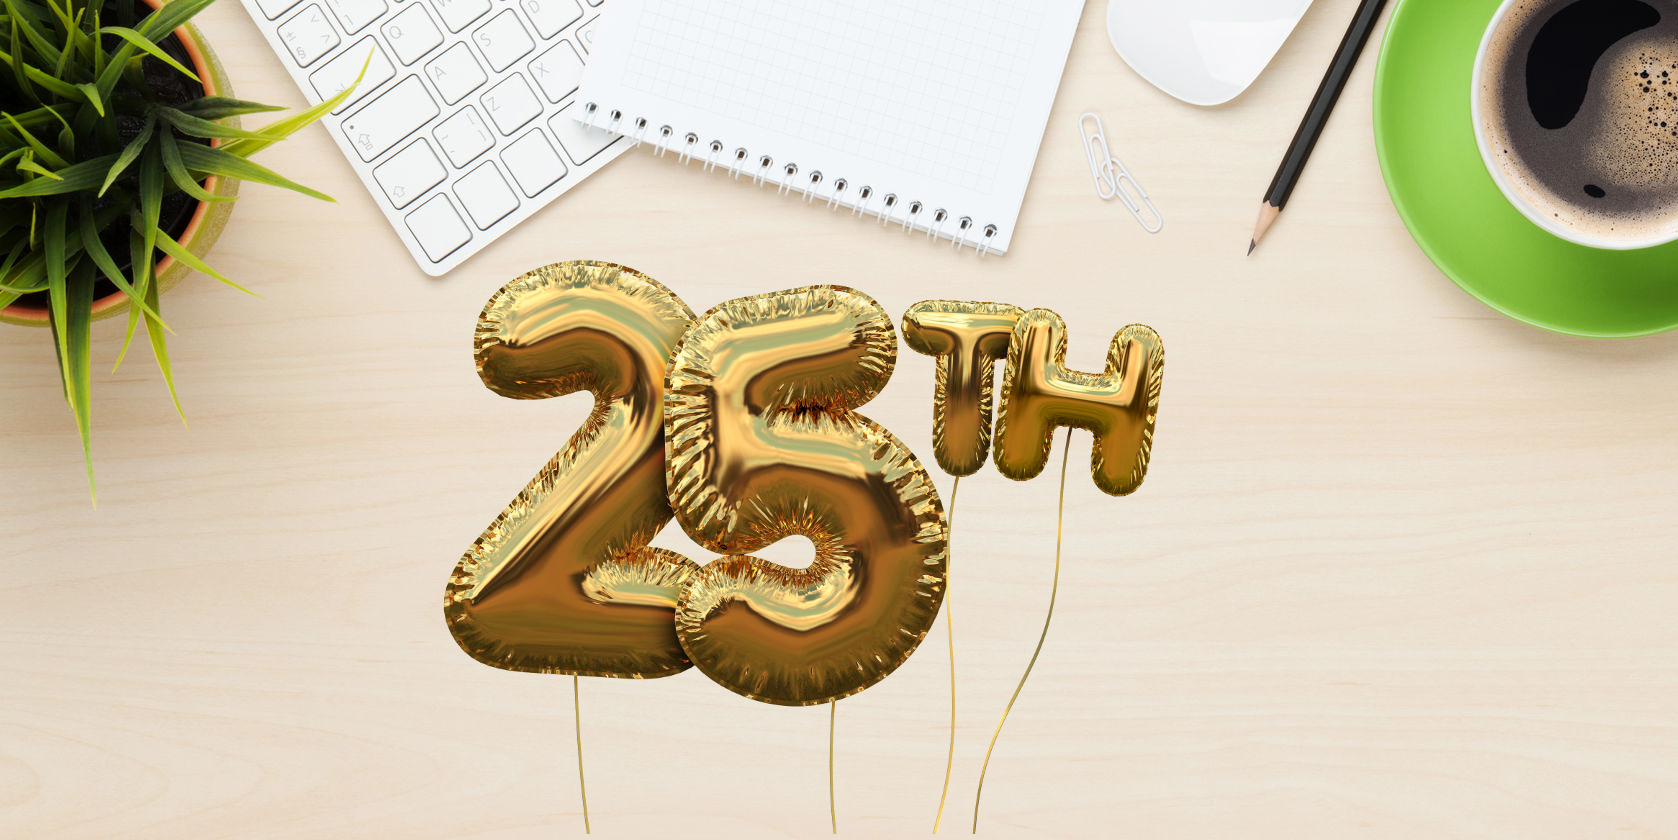 25 Jahre Qualität: Beglaubigte Übersetzungen zum fairen Preis